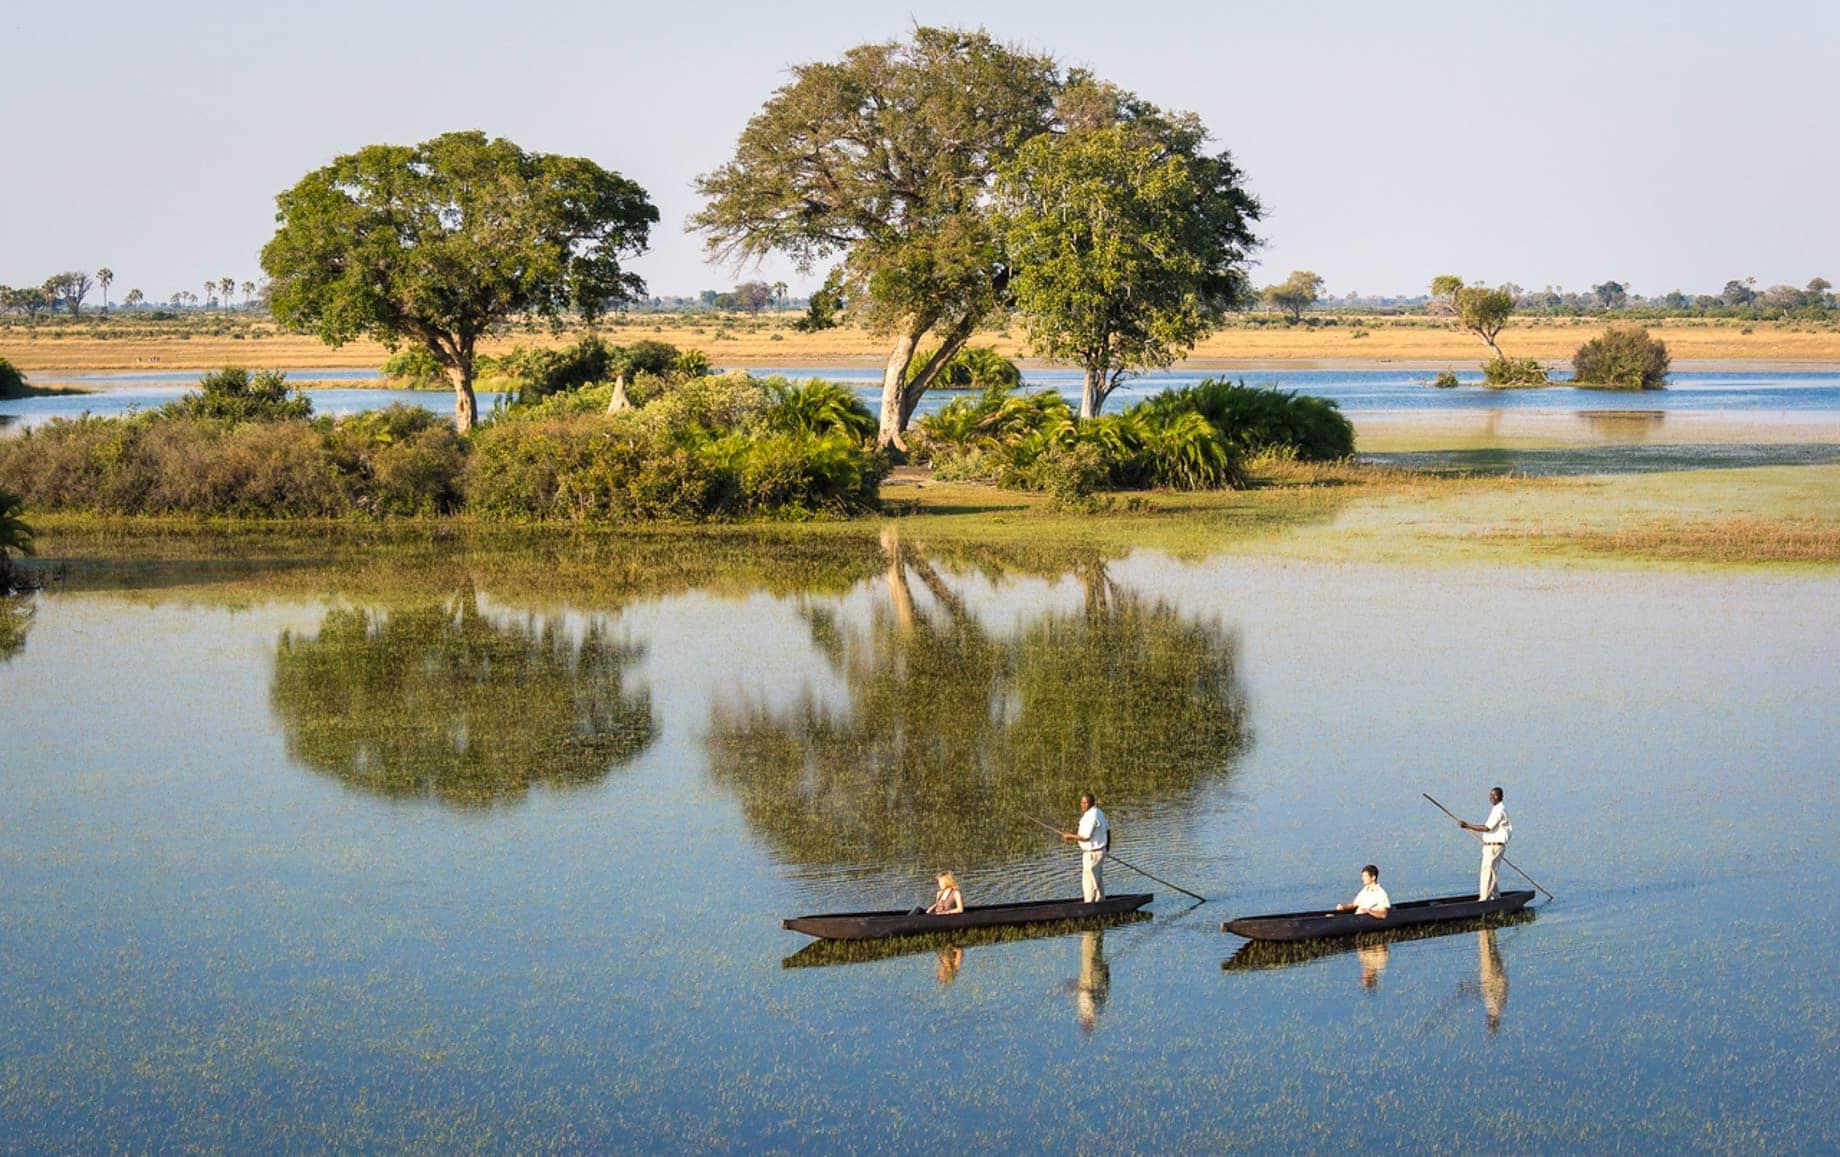 Mokoro boat experience